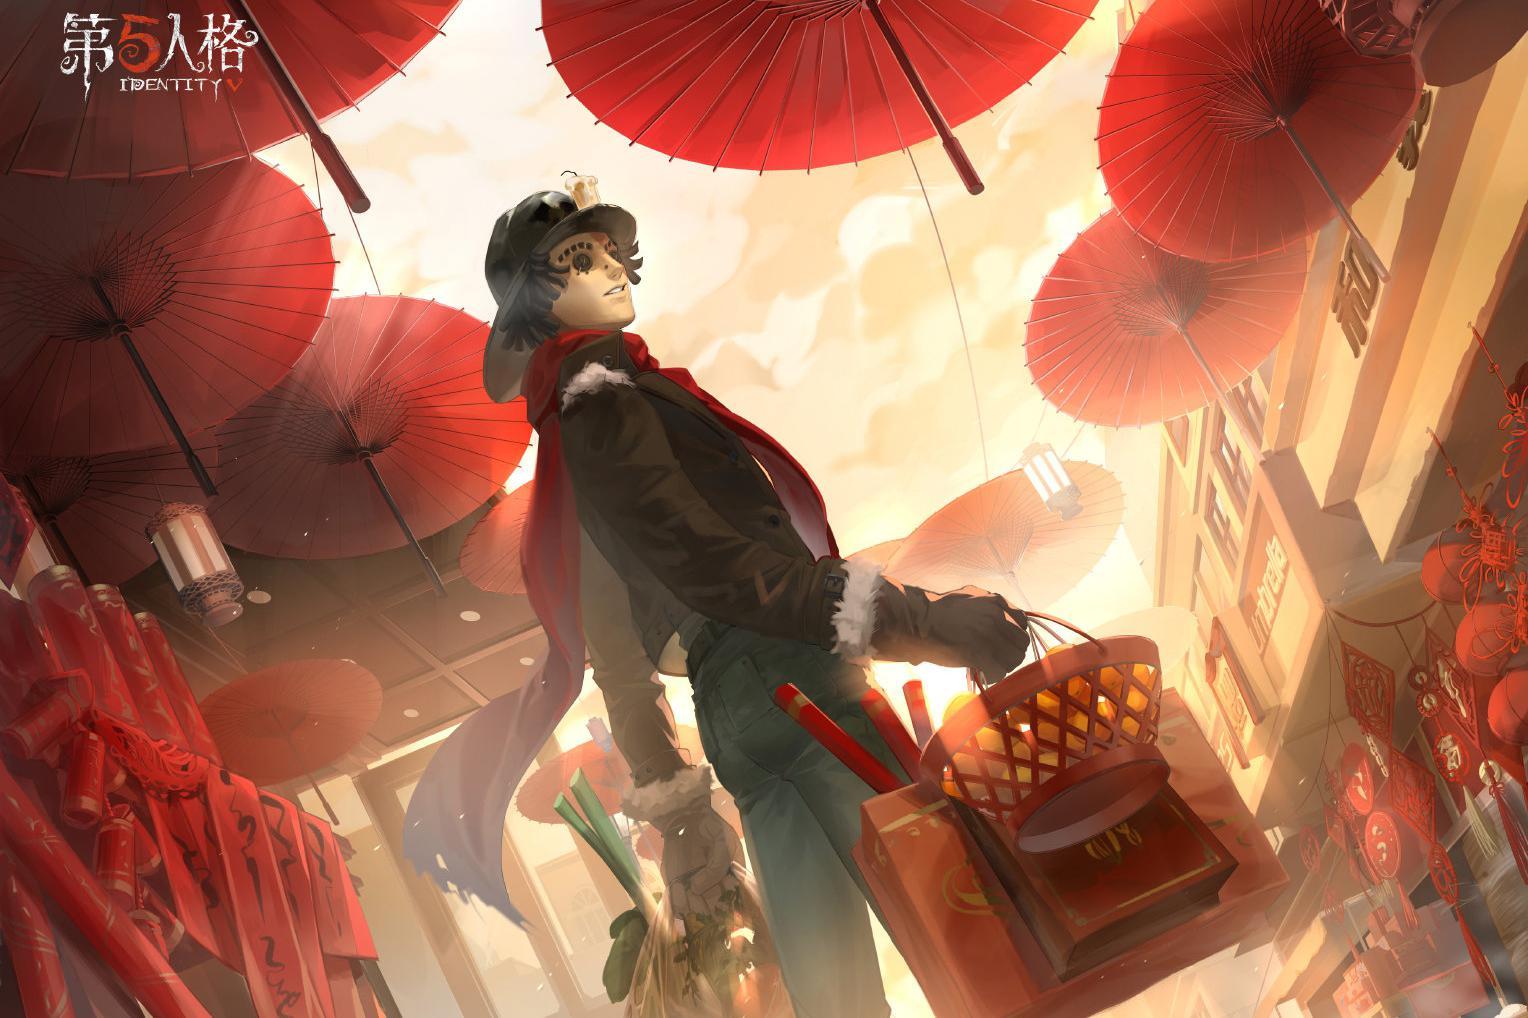 第五人格:唐人街只是新春前奏,皮肤返场虽好,别被它套路了